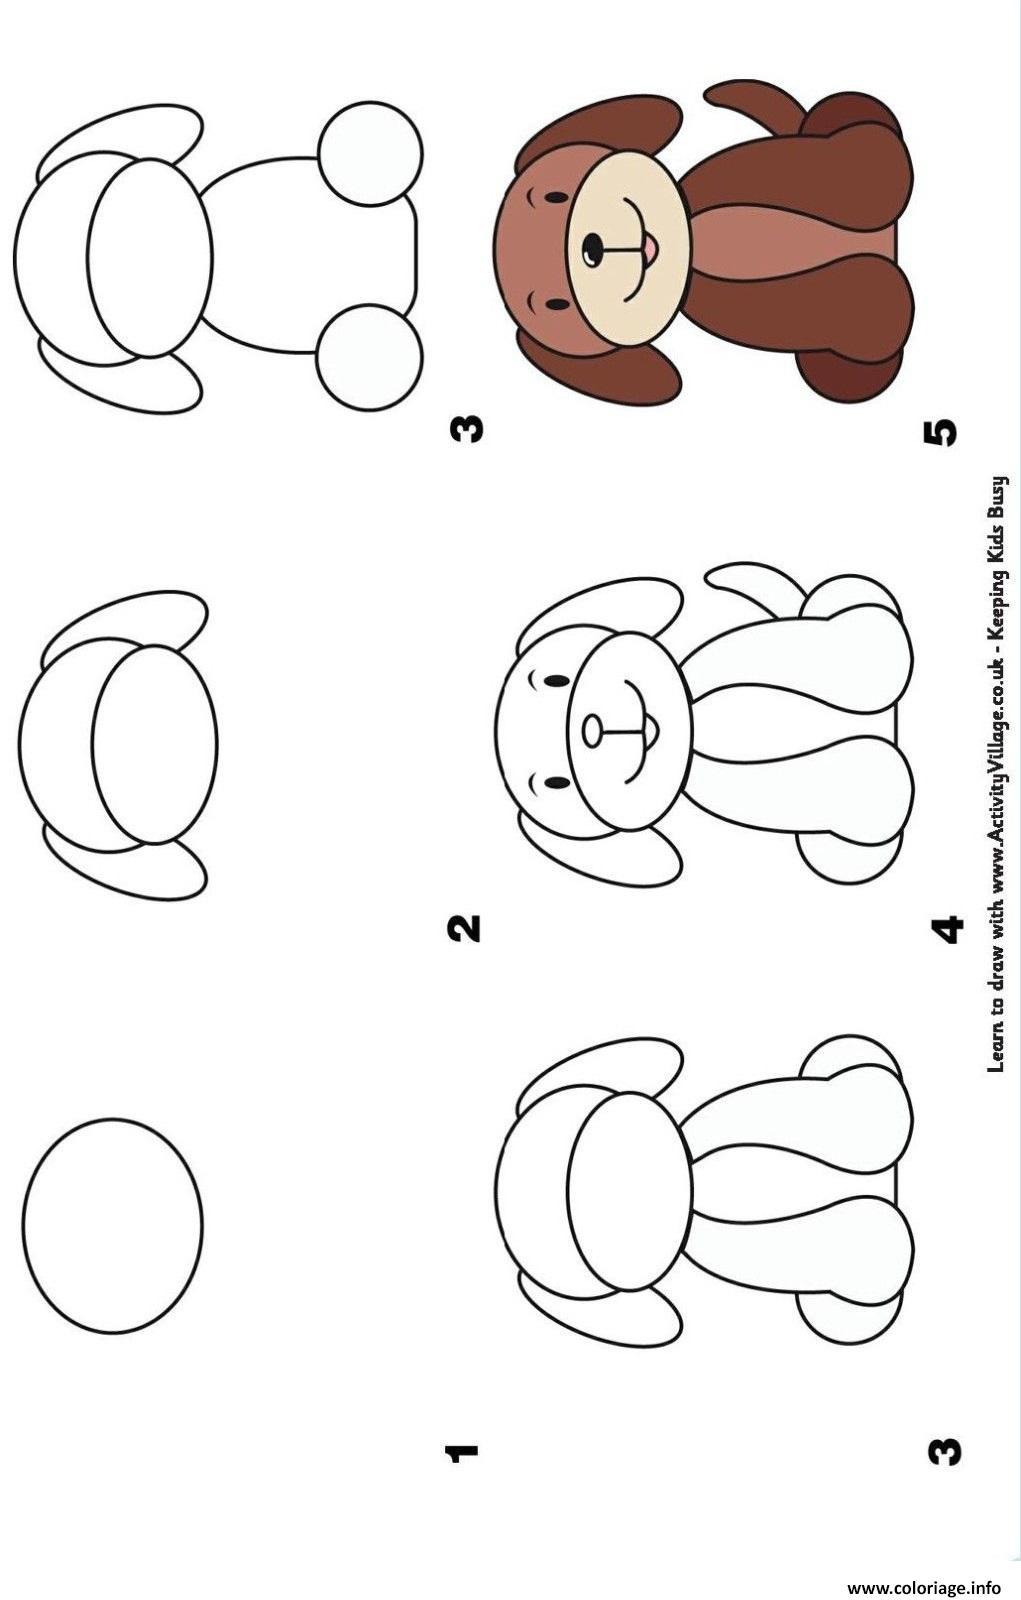 Coloriage Comment Dessiner Un Chien Etape Par Etape Dessin Dessin A Imprimer